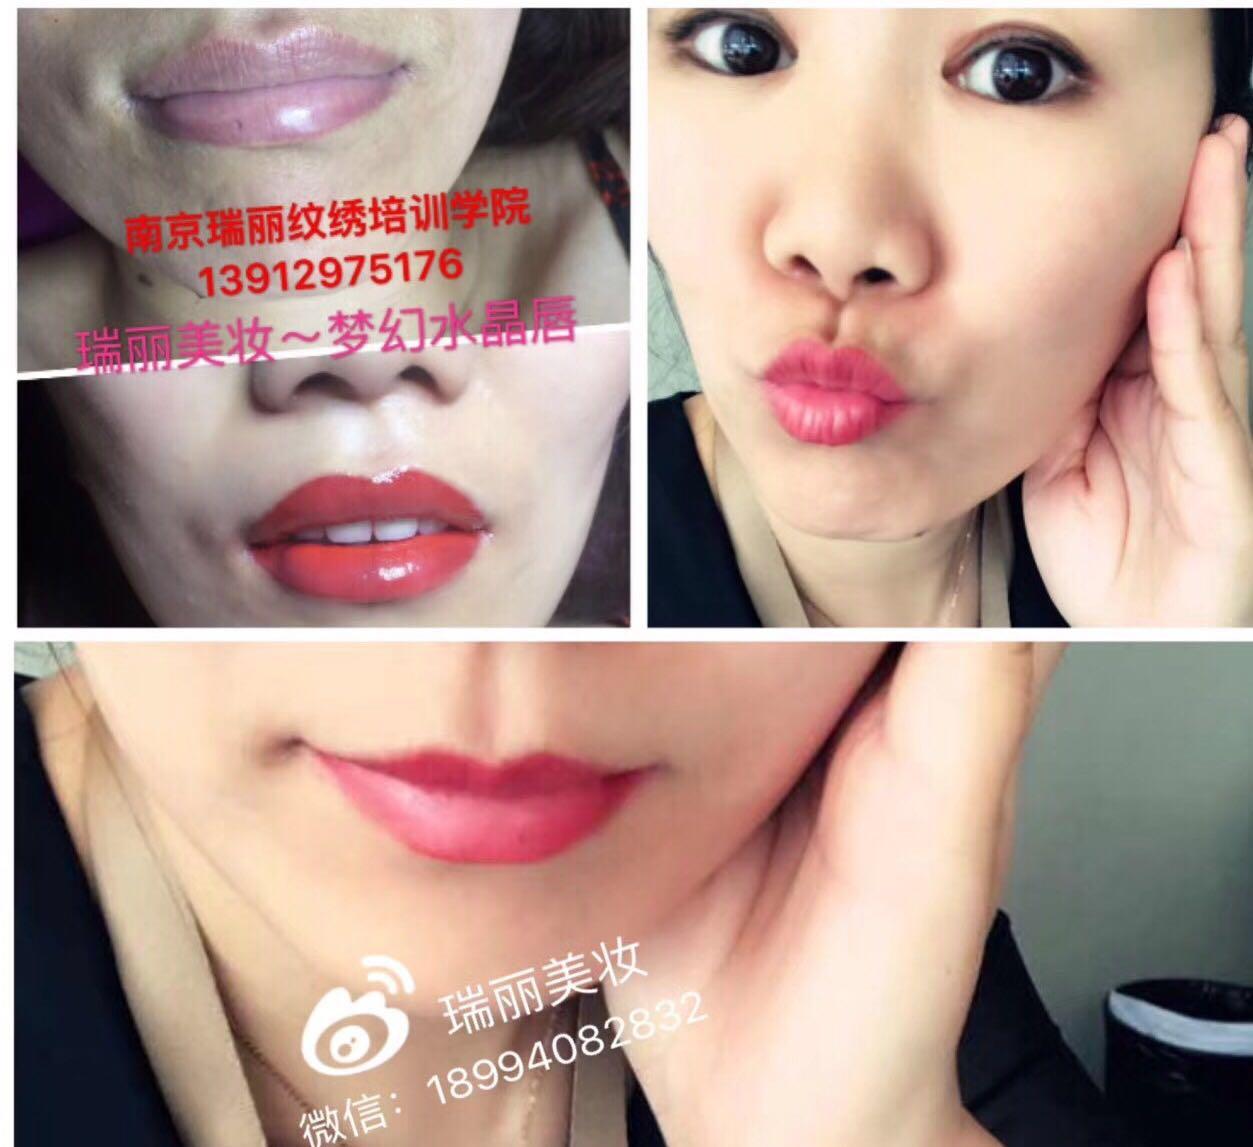 1,基础素描及画眉的方法;       2,纹绣眉眼唇的操作流程